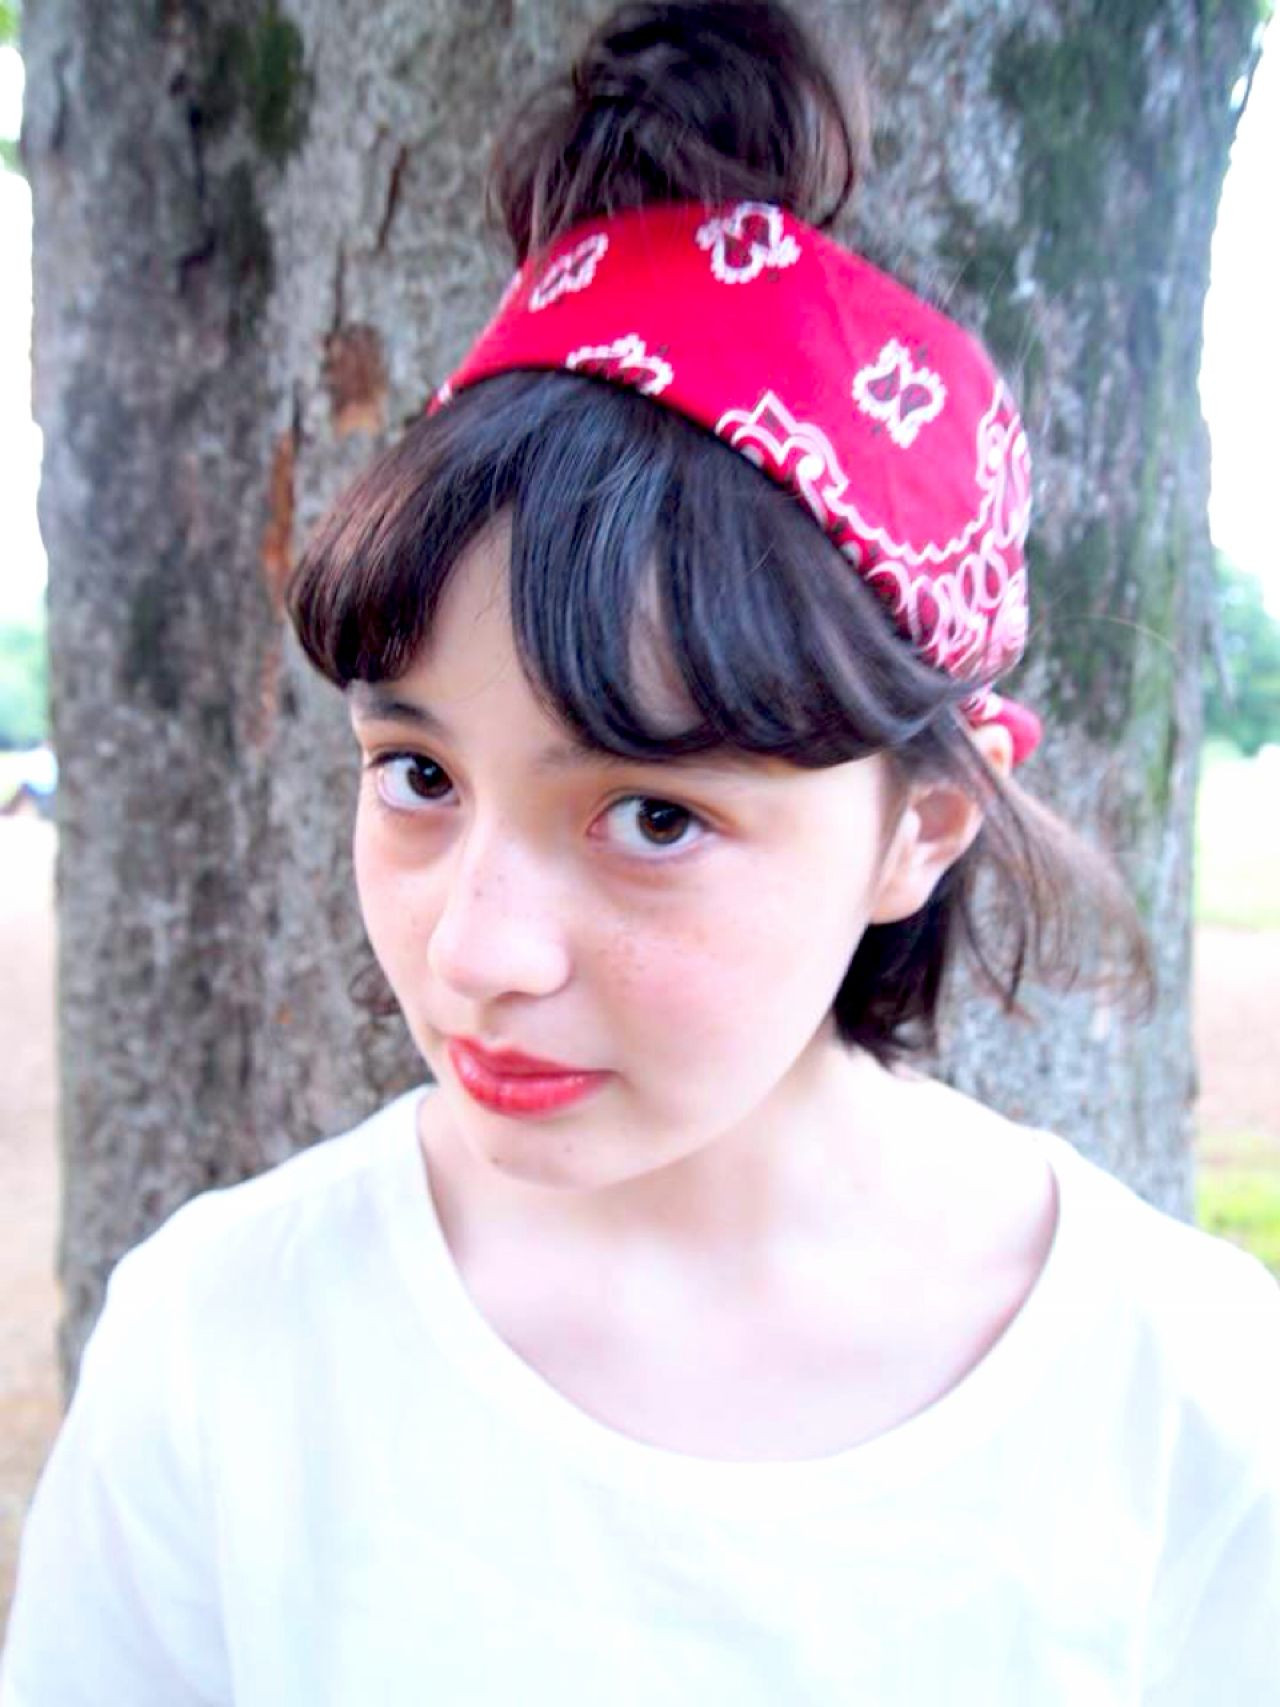 バンダナを使った髪型で可愛さUP♡とっておきアレンジ特集 高橋 忍